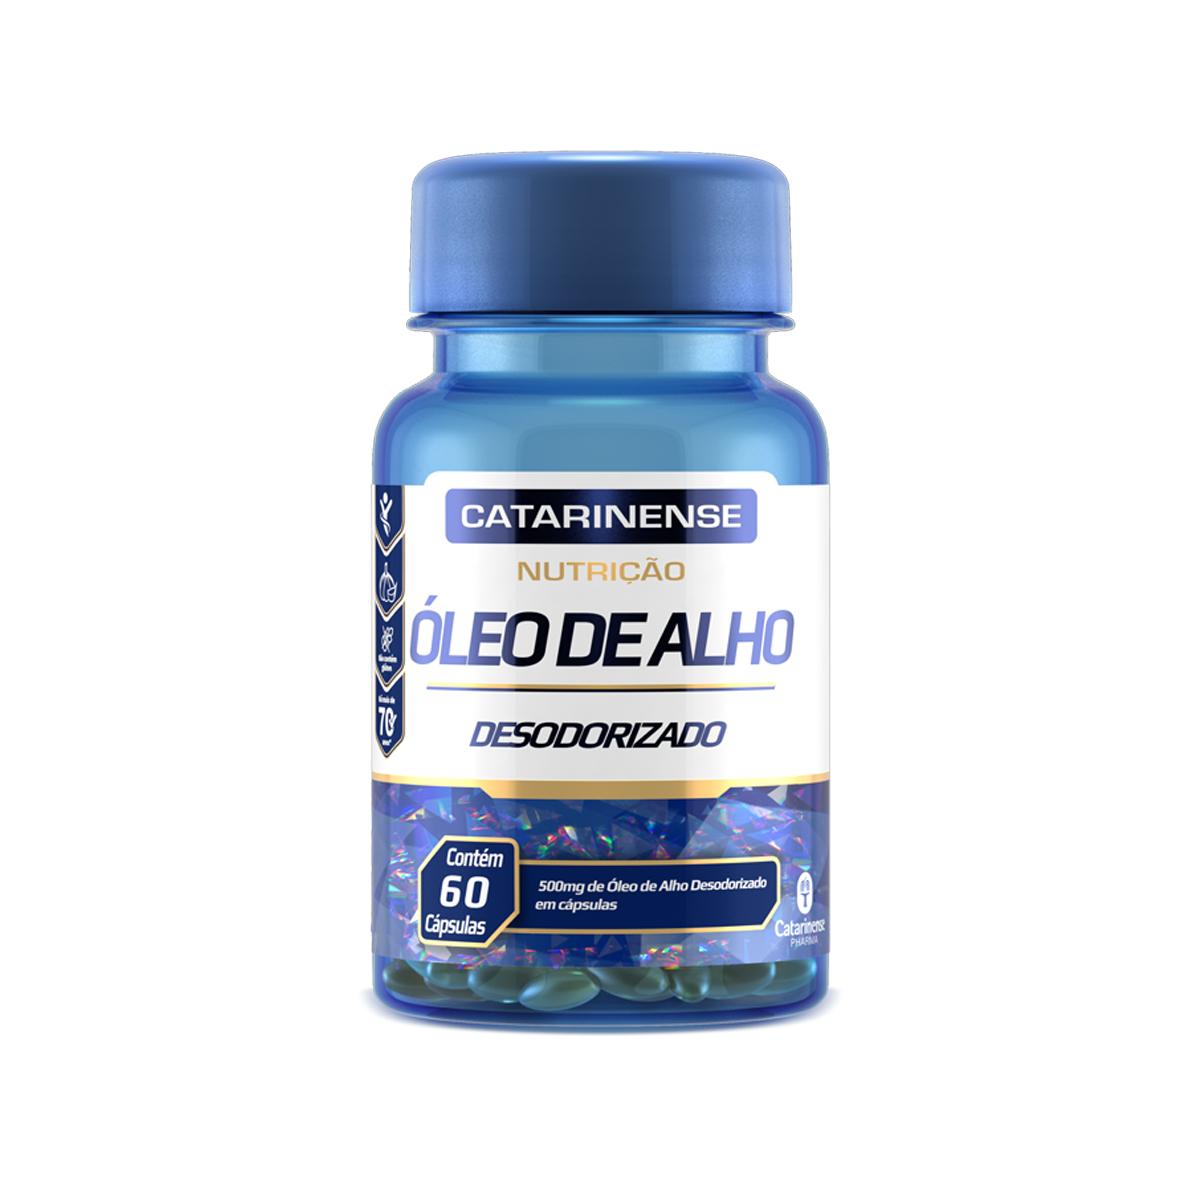 Óleo de Alho Desodorizado 500mg 60 Cápsulas - Catarinense